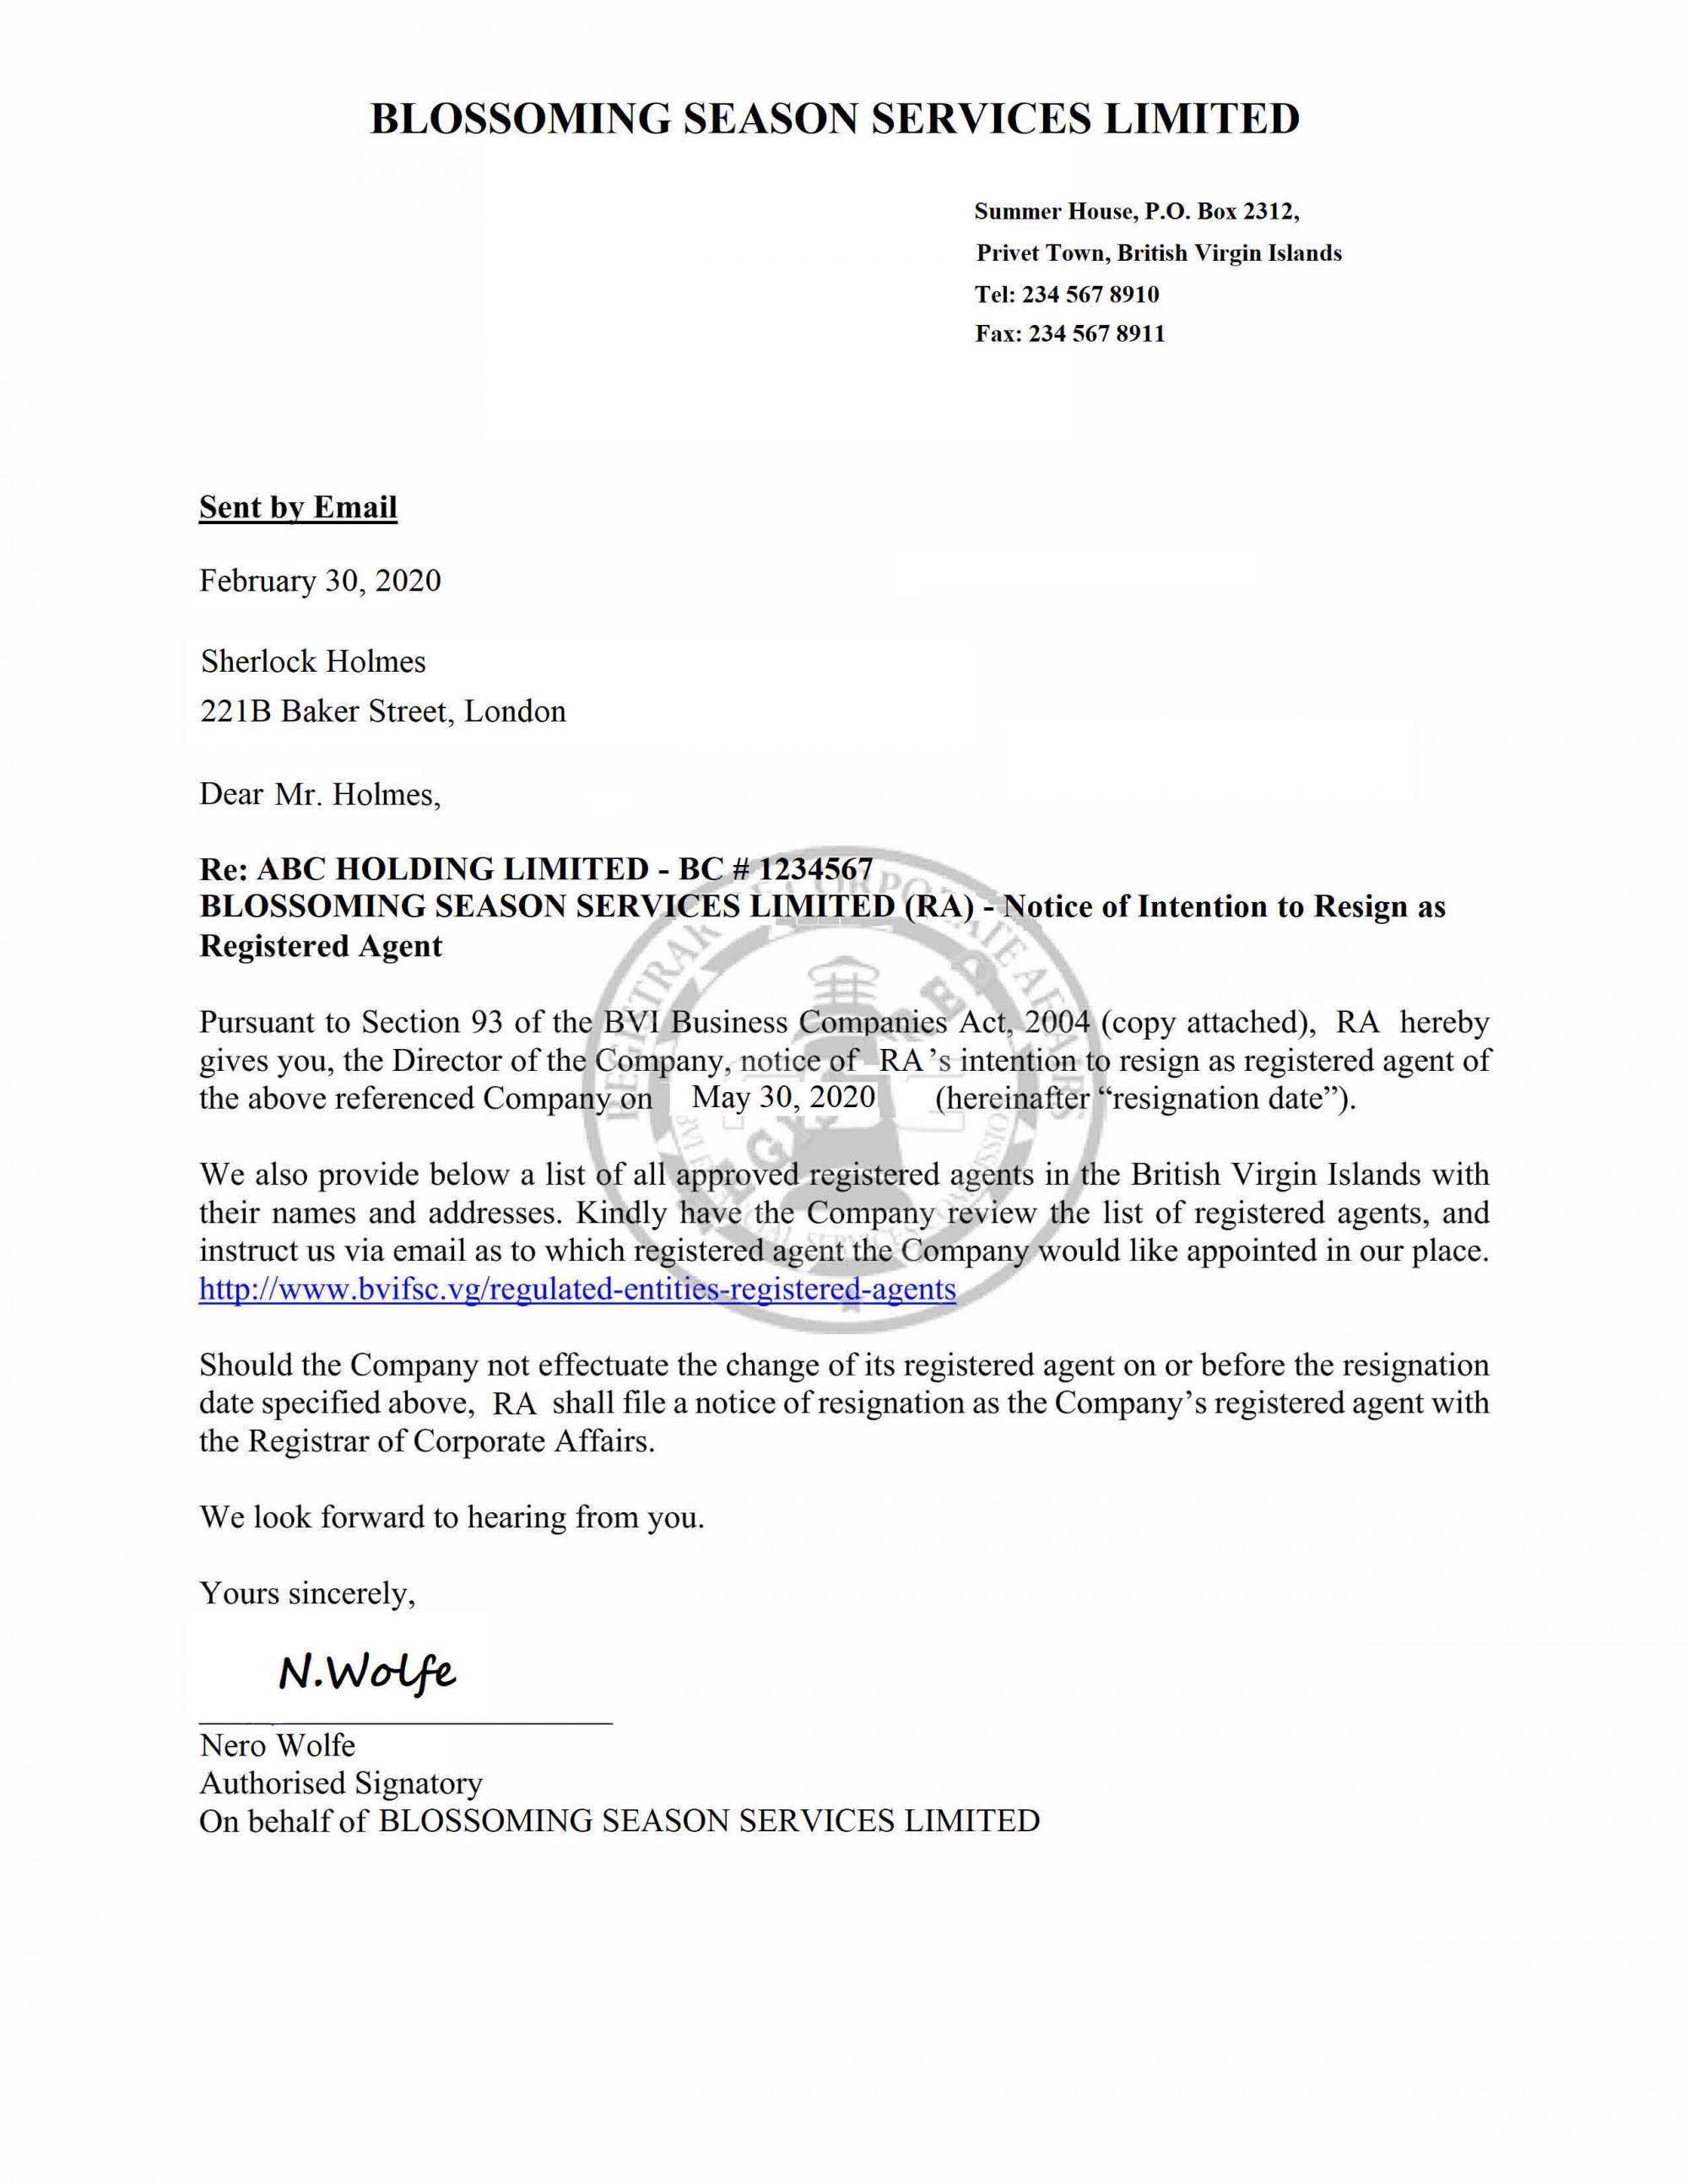 Образец письма об отставке агента